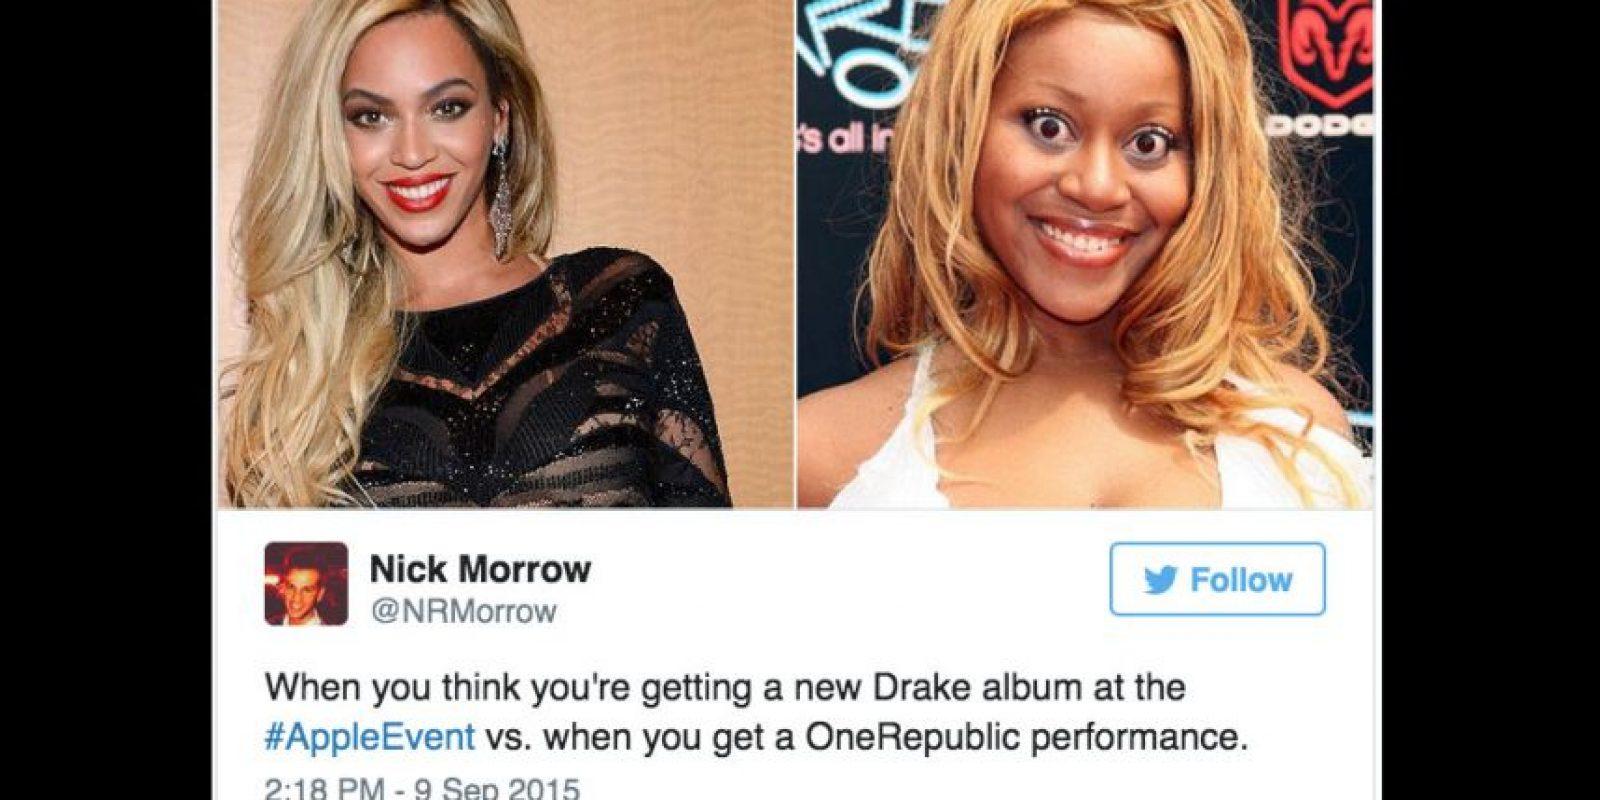 """Así quedaron los que pensaron que el rapero Drake presentaría su nuevo disco en el evento de Apple y apareció """"One Republic"""" Foto:Twitter"""